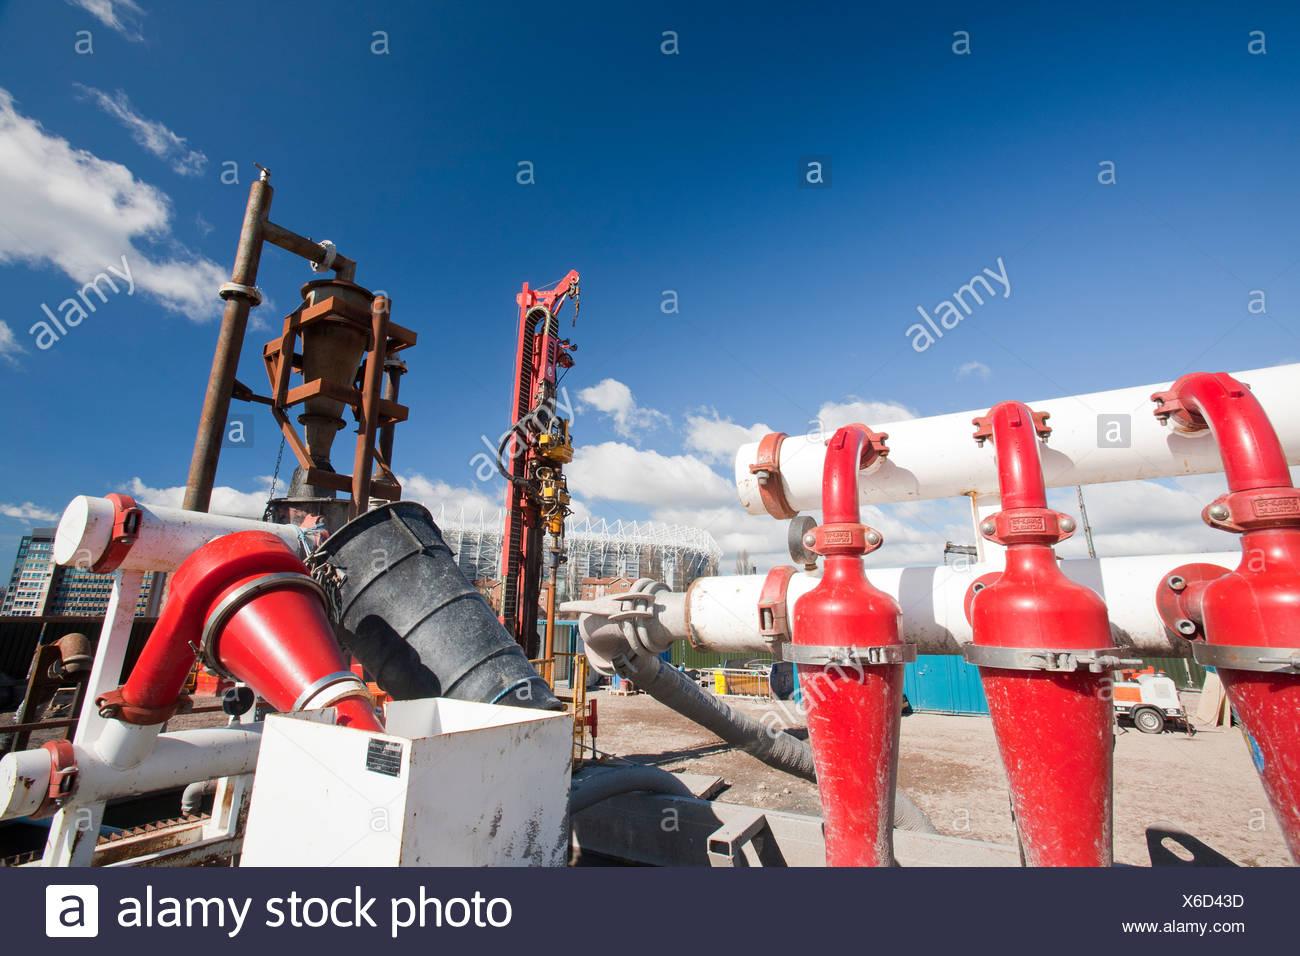 Un projet d'énergie géothermique par Newcastle University, financé par le ministère de l'énergie et du changement climatique. Photo Stock